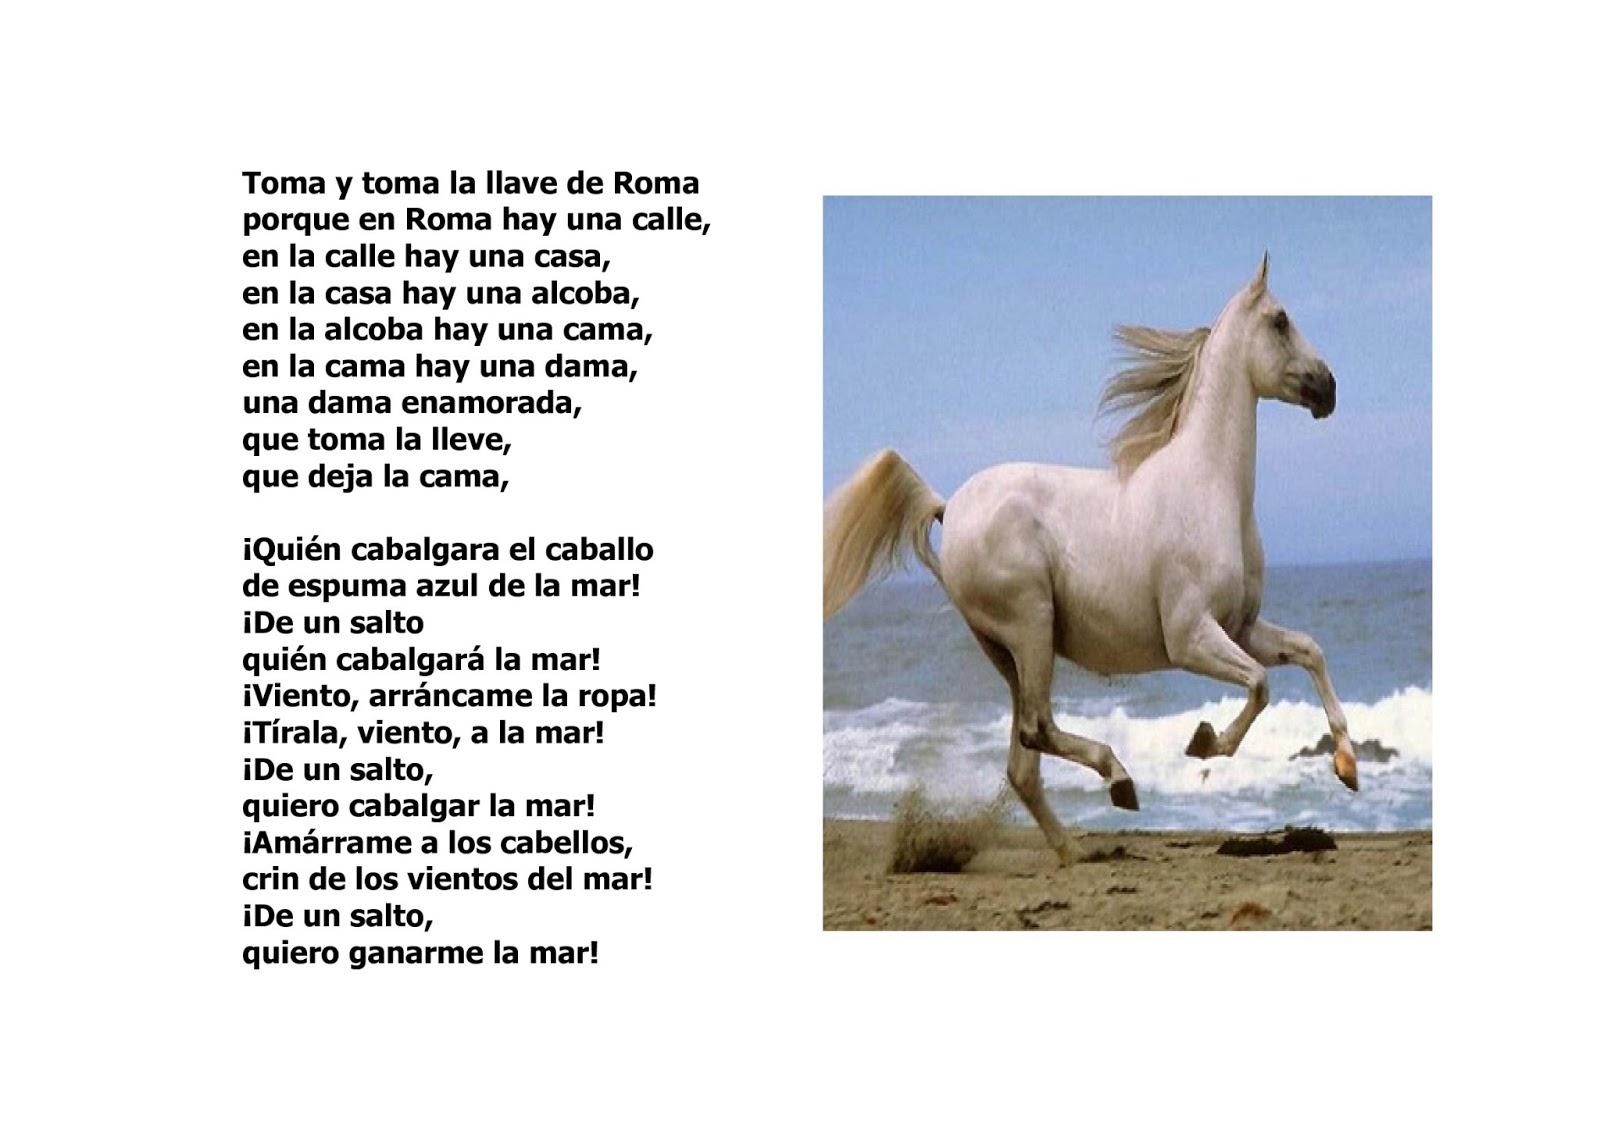 de sexto leyó en público este poema de rafael alberti en el día de